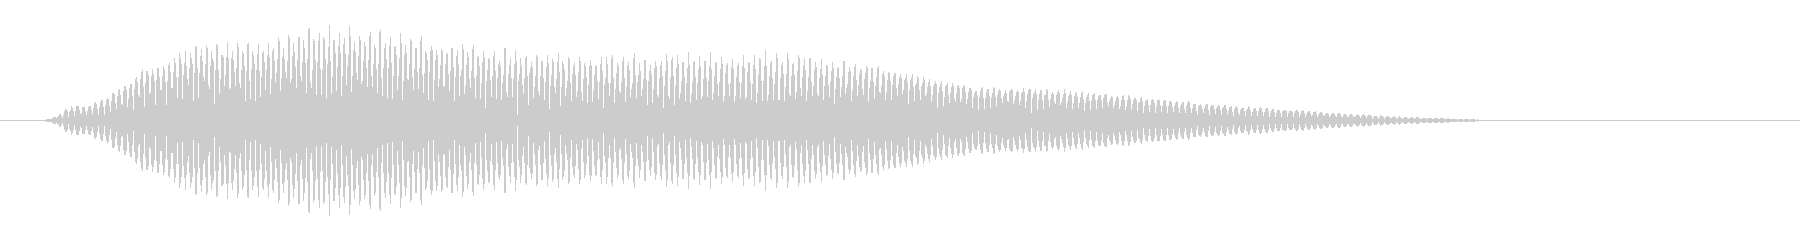 パあ?(宇宙人の掛け声)の未再生の波形